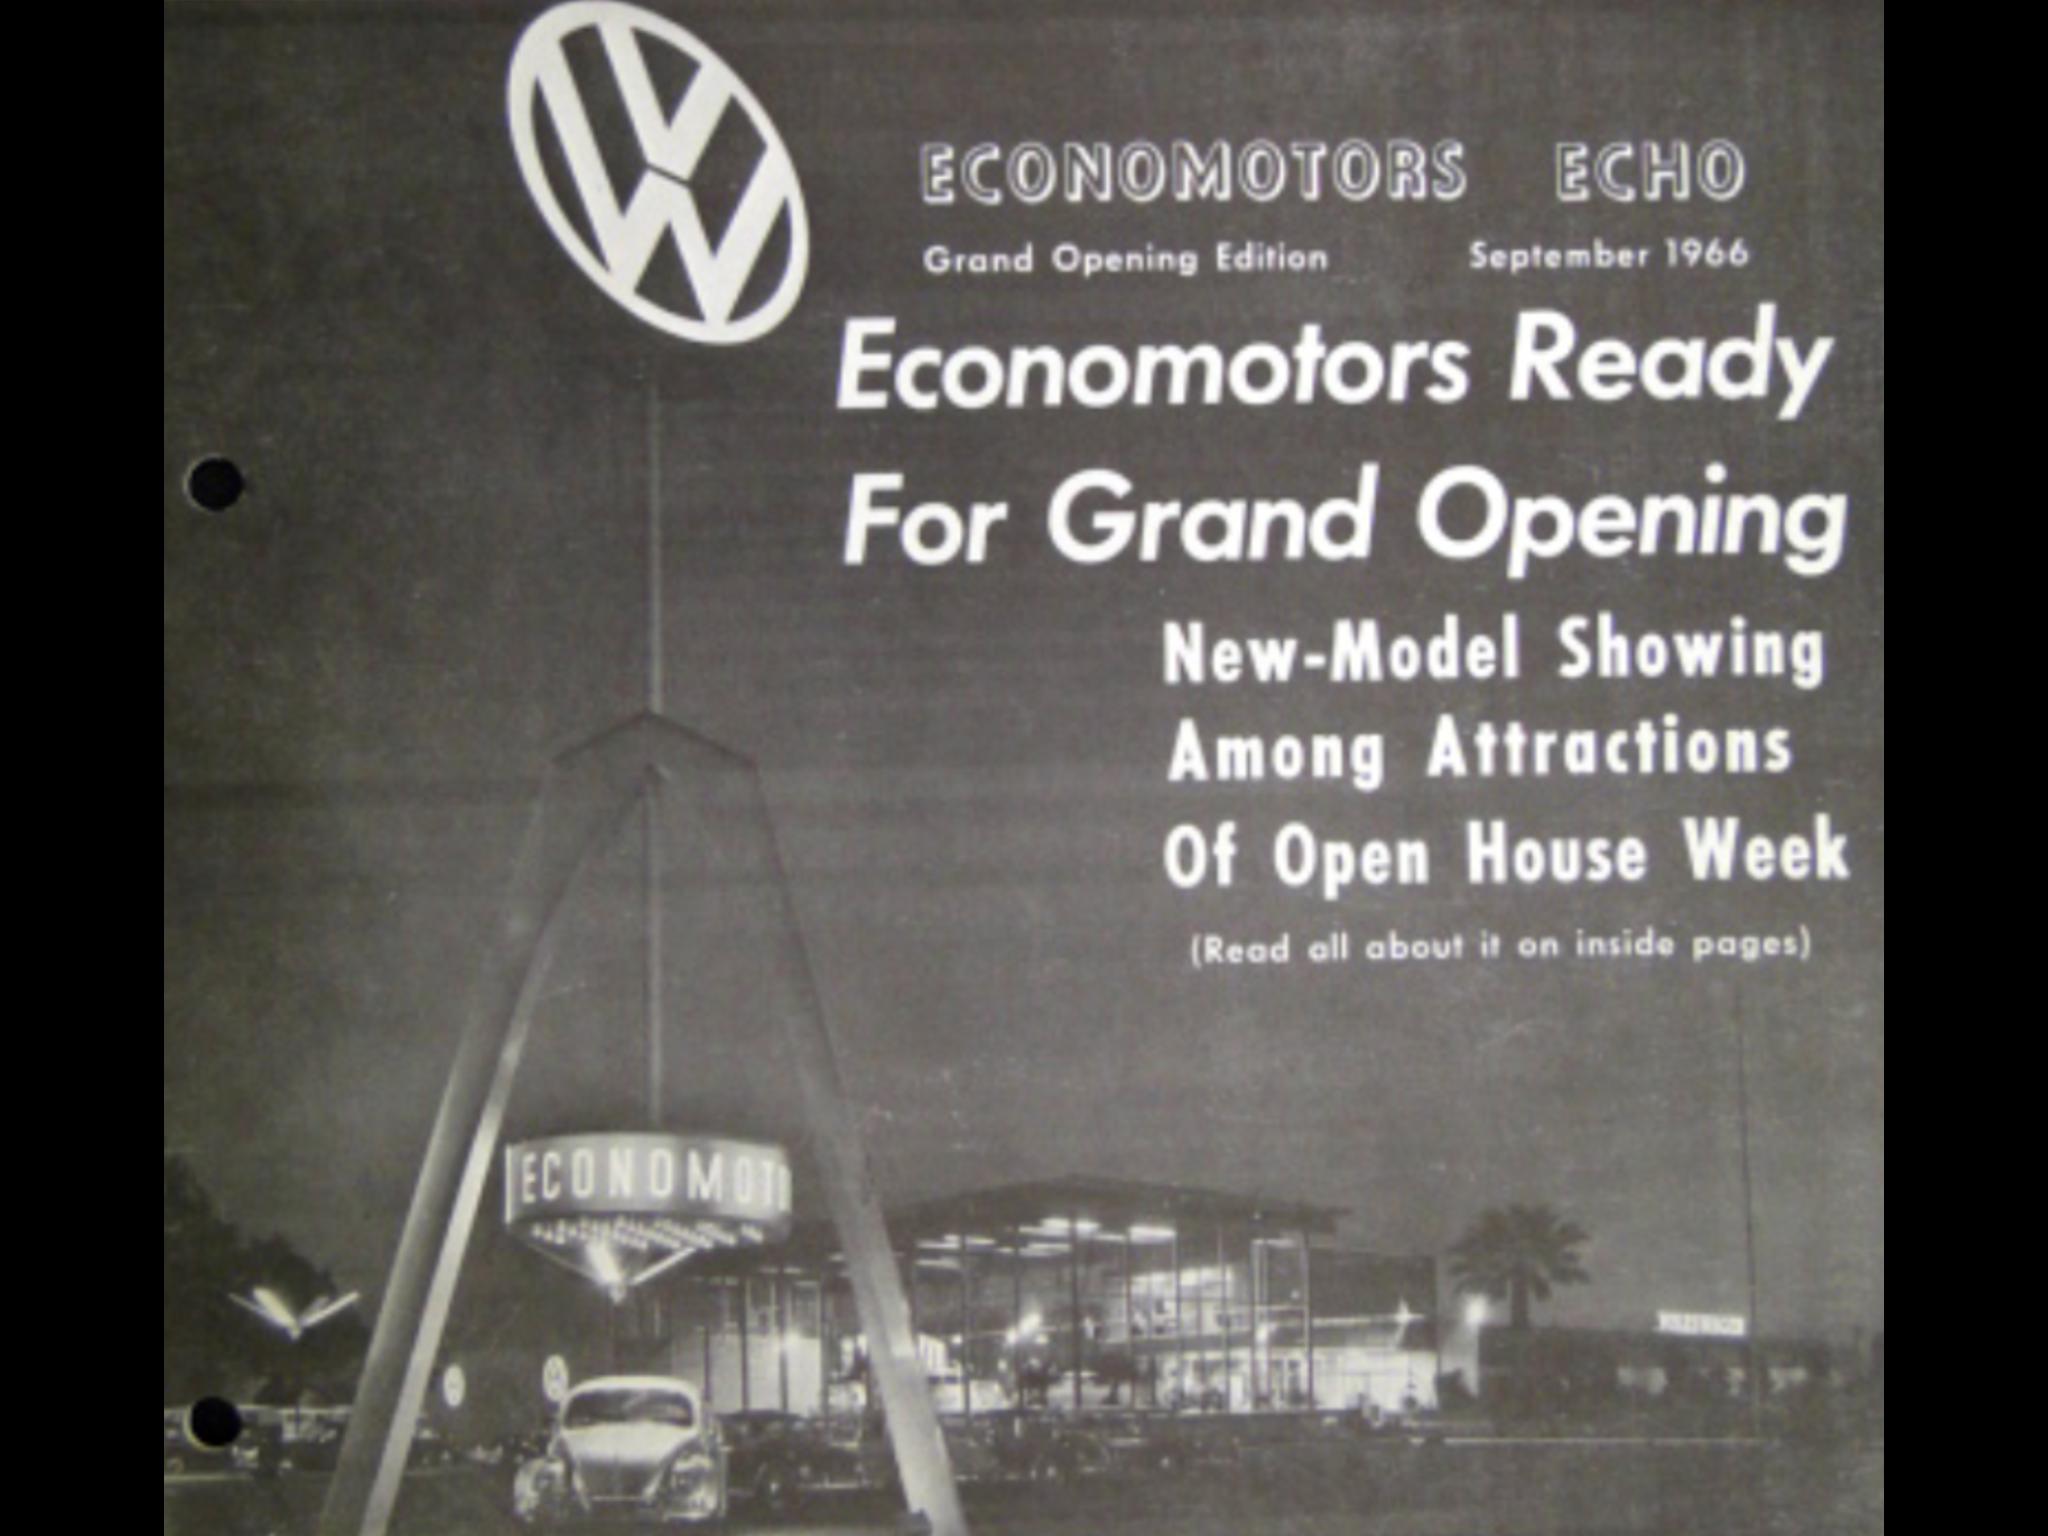 1966 Economotors Inc Volkswagen Dealership Riverside California Dealership Volkswagen Riverside